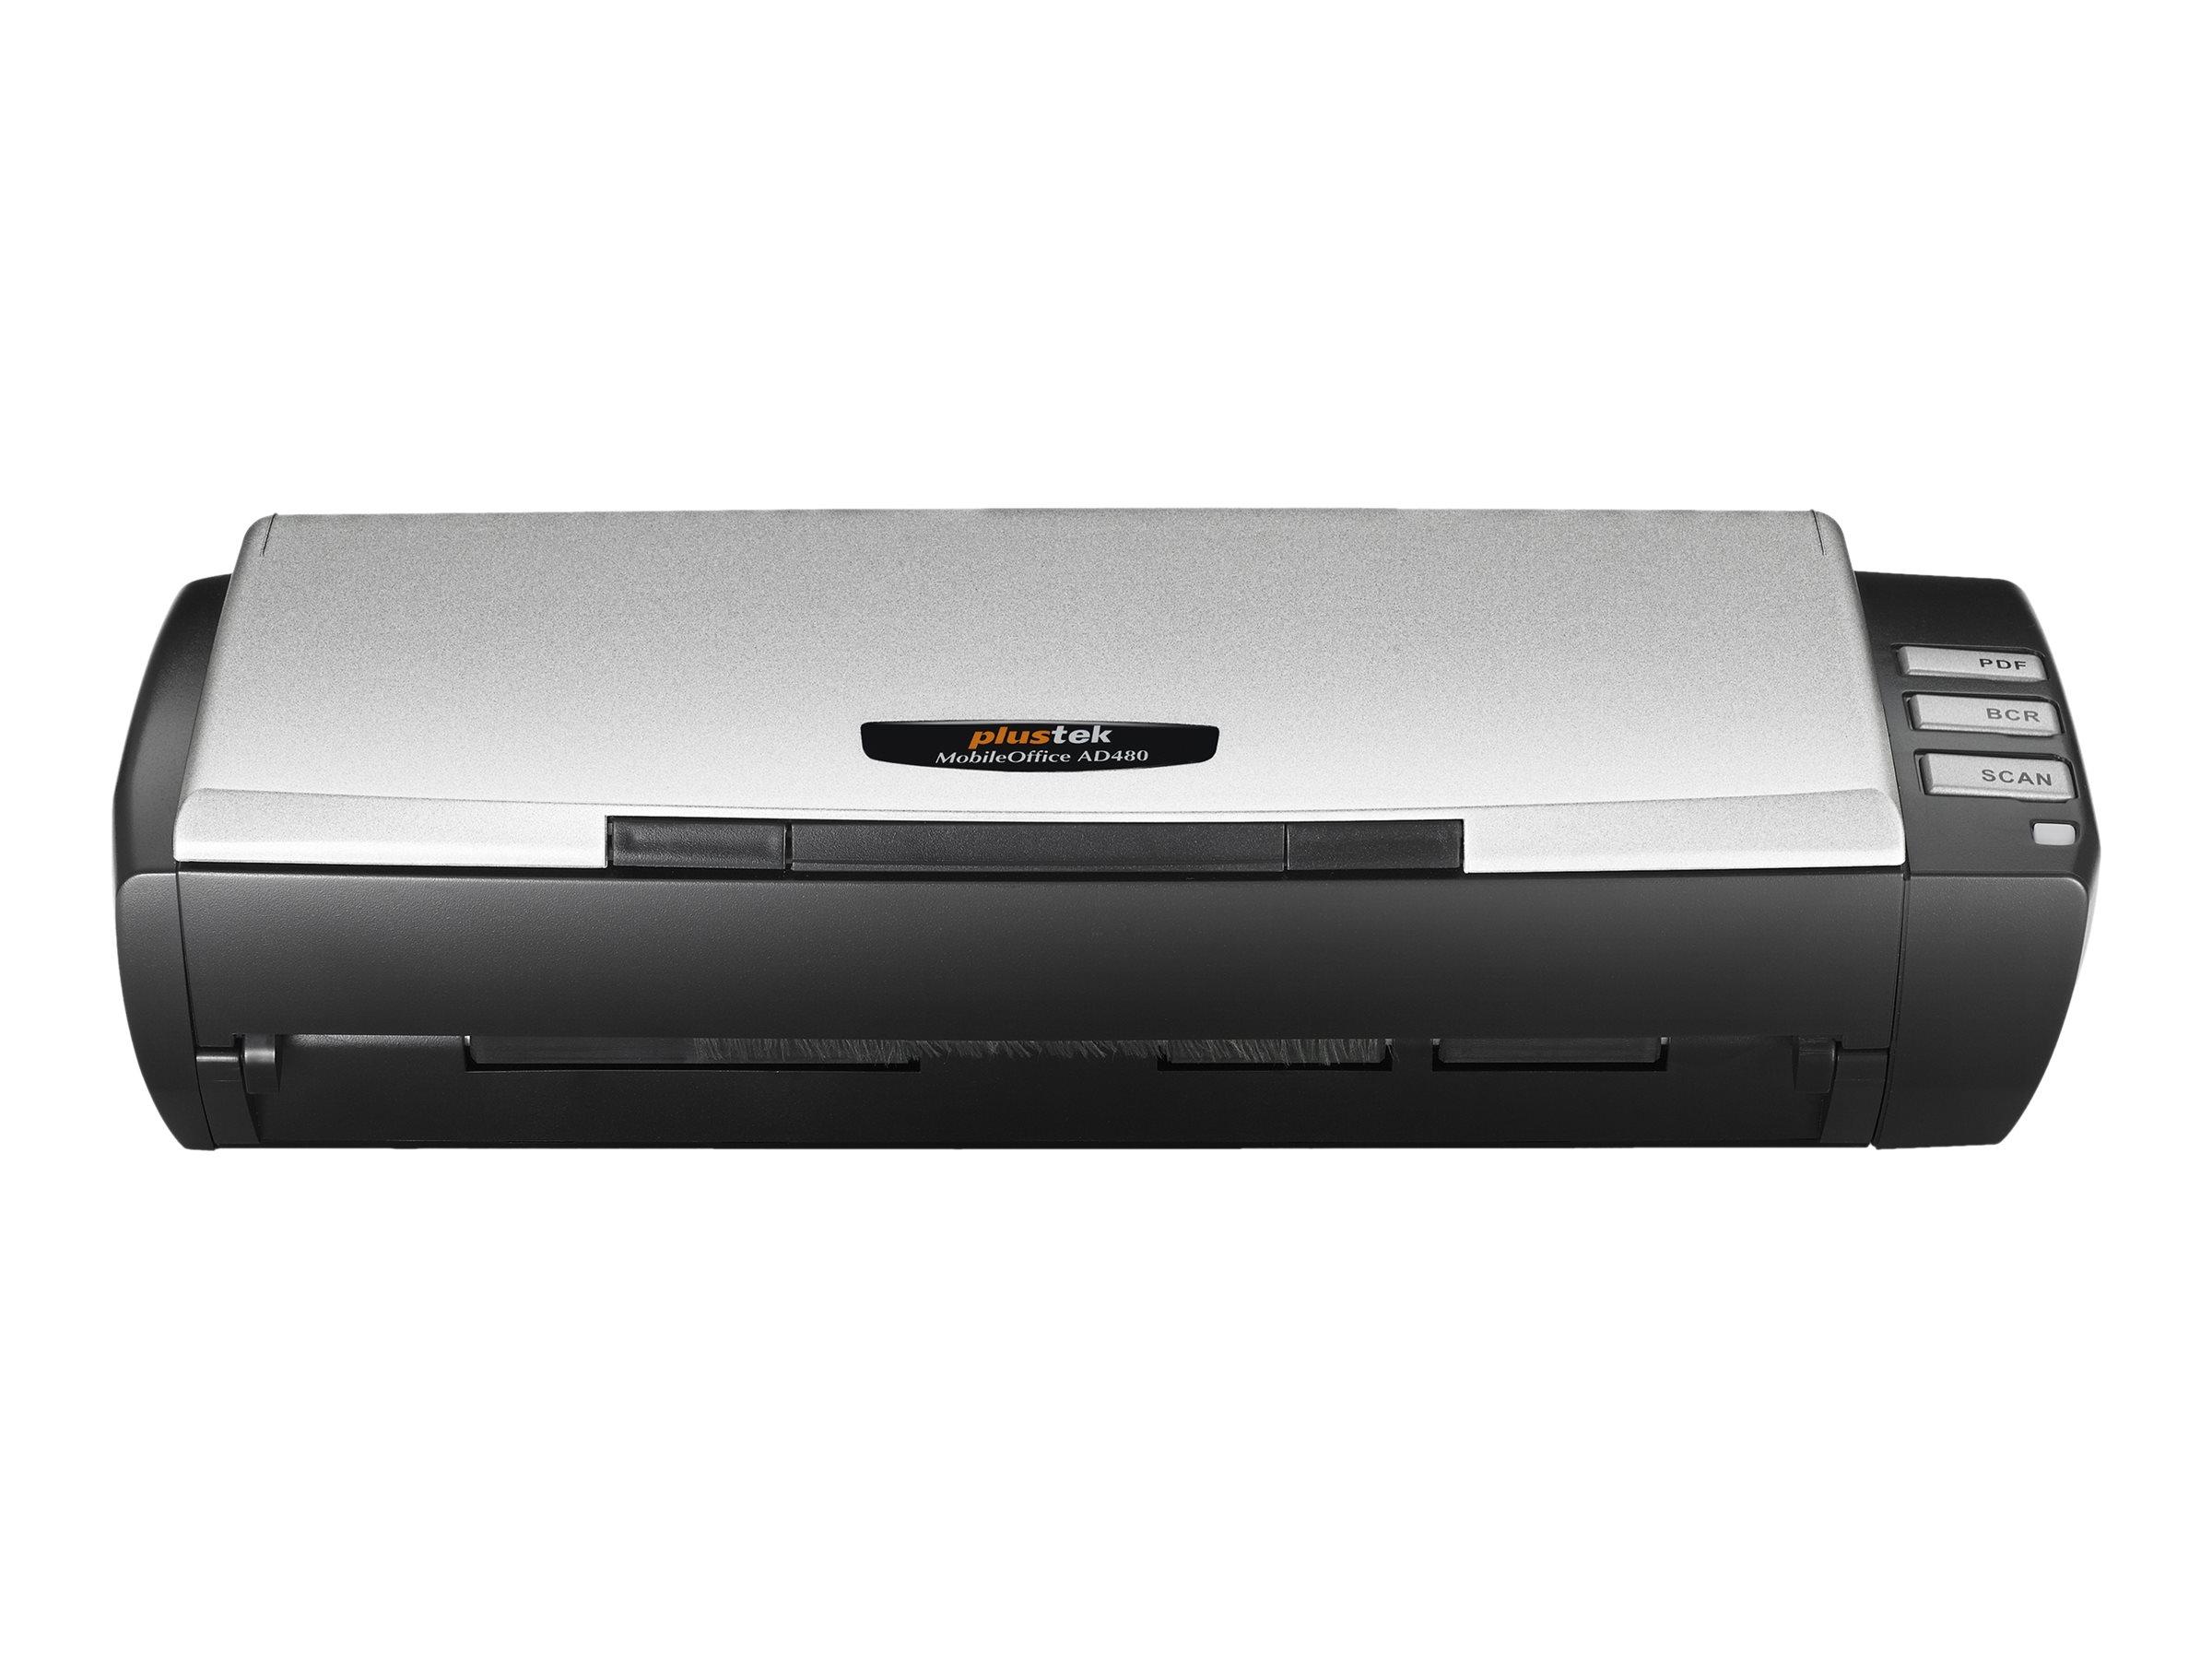 Plustek MobileOffice AD480 - Dokumentenscanner - Duplex - A4/Letter - 600 dpi x 600 dpi - bis zu 20 Seiten/Min. (einfarb